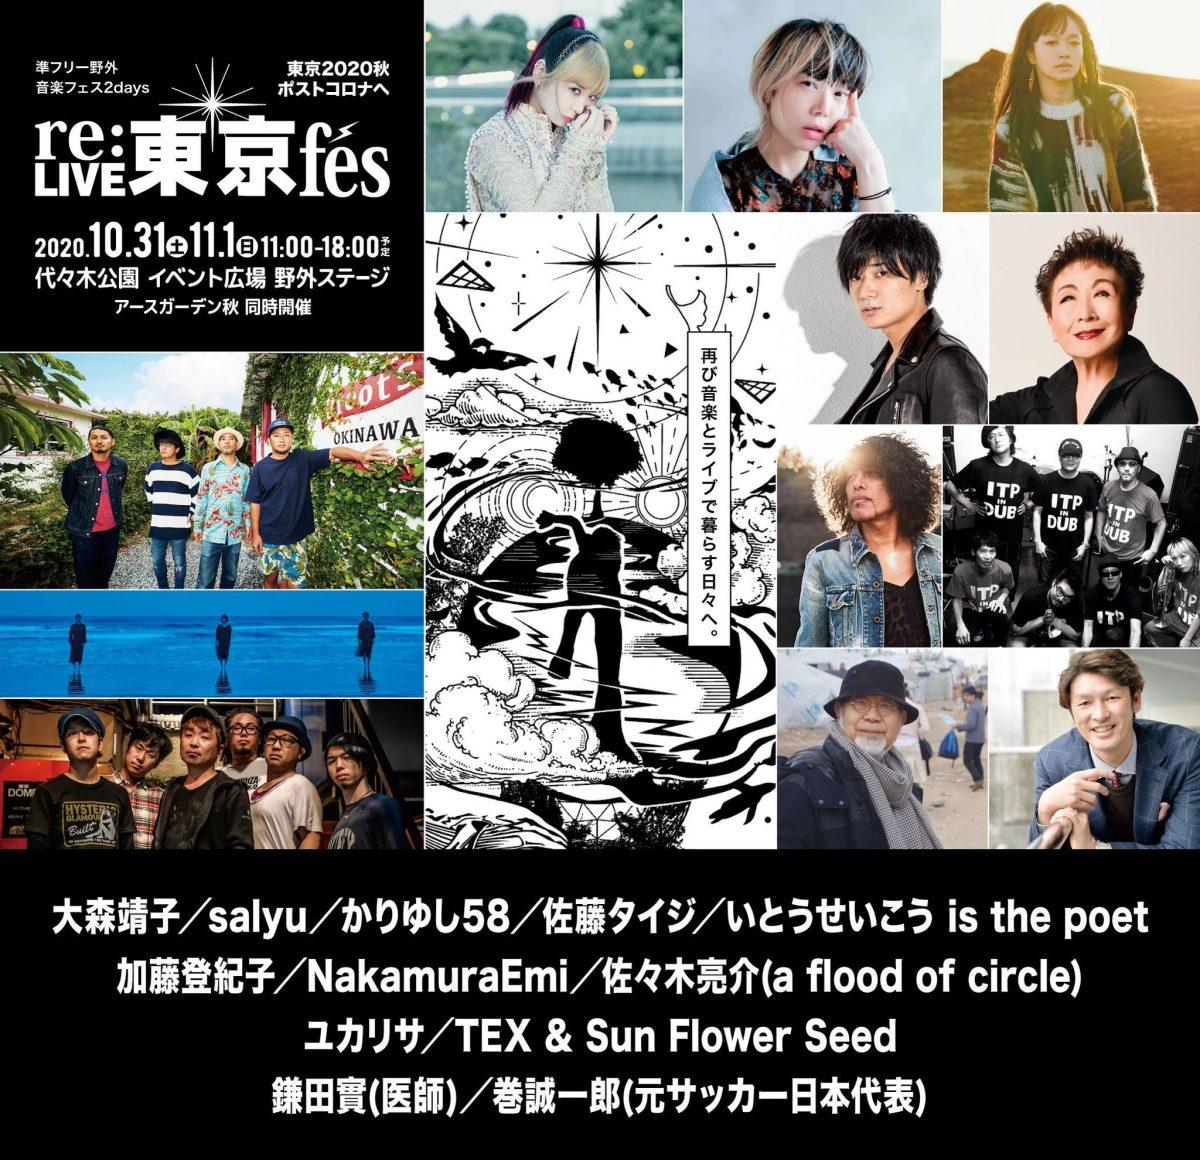 準フリー野外音楽フェス2days re:LIVE 東京 fes